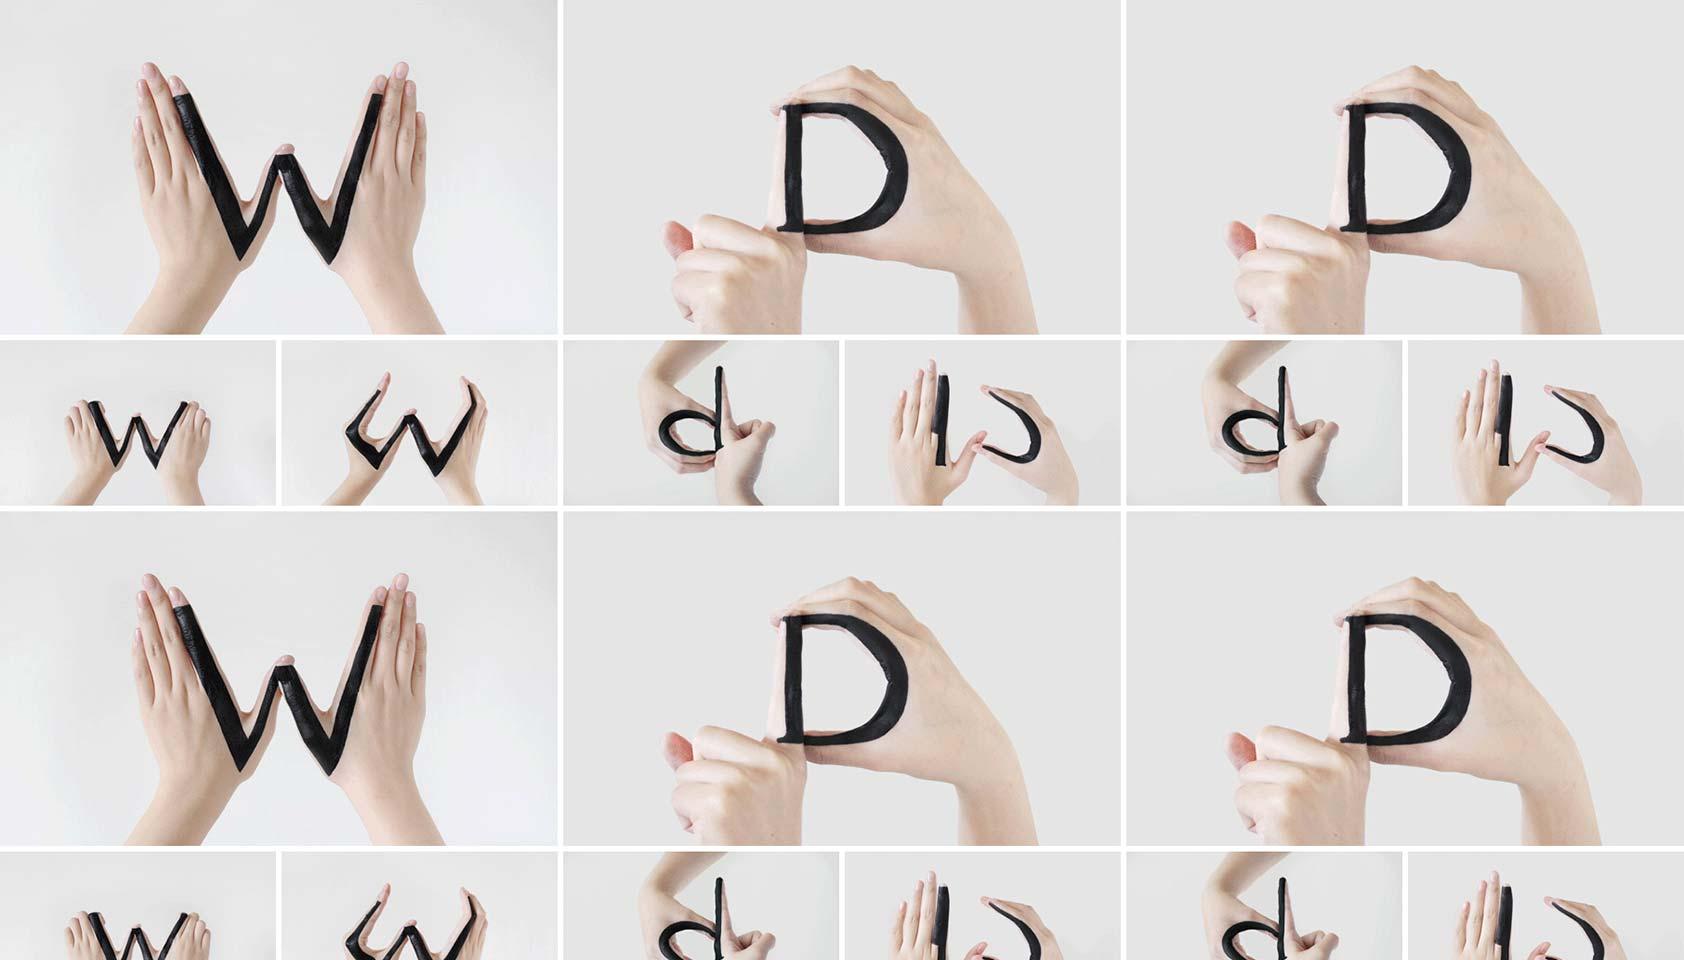 Astonishing handmade type